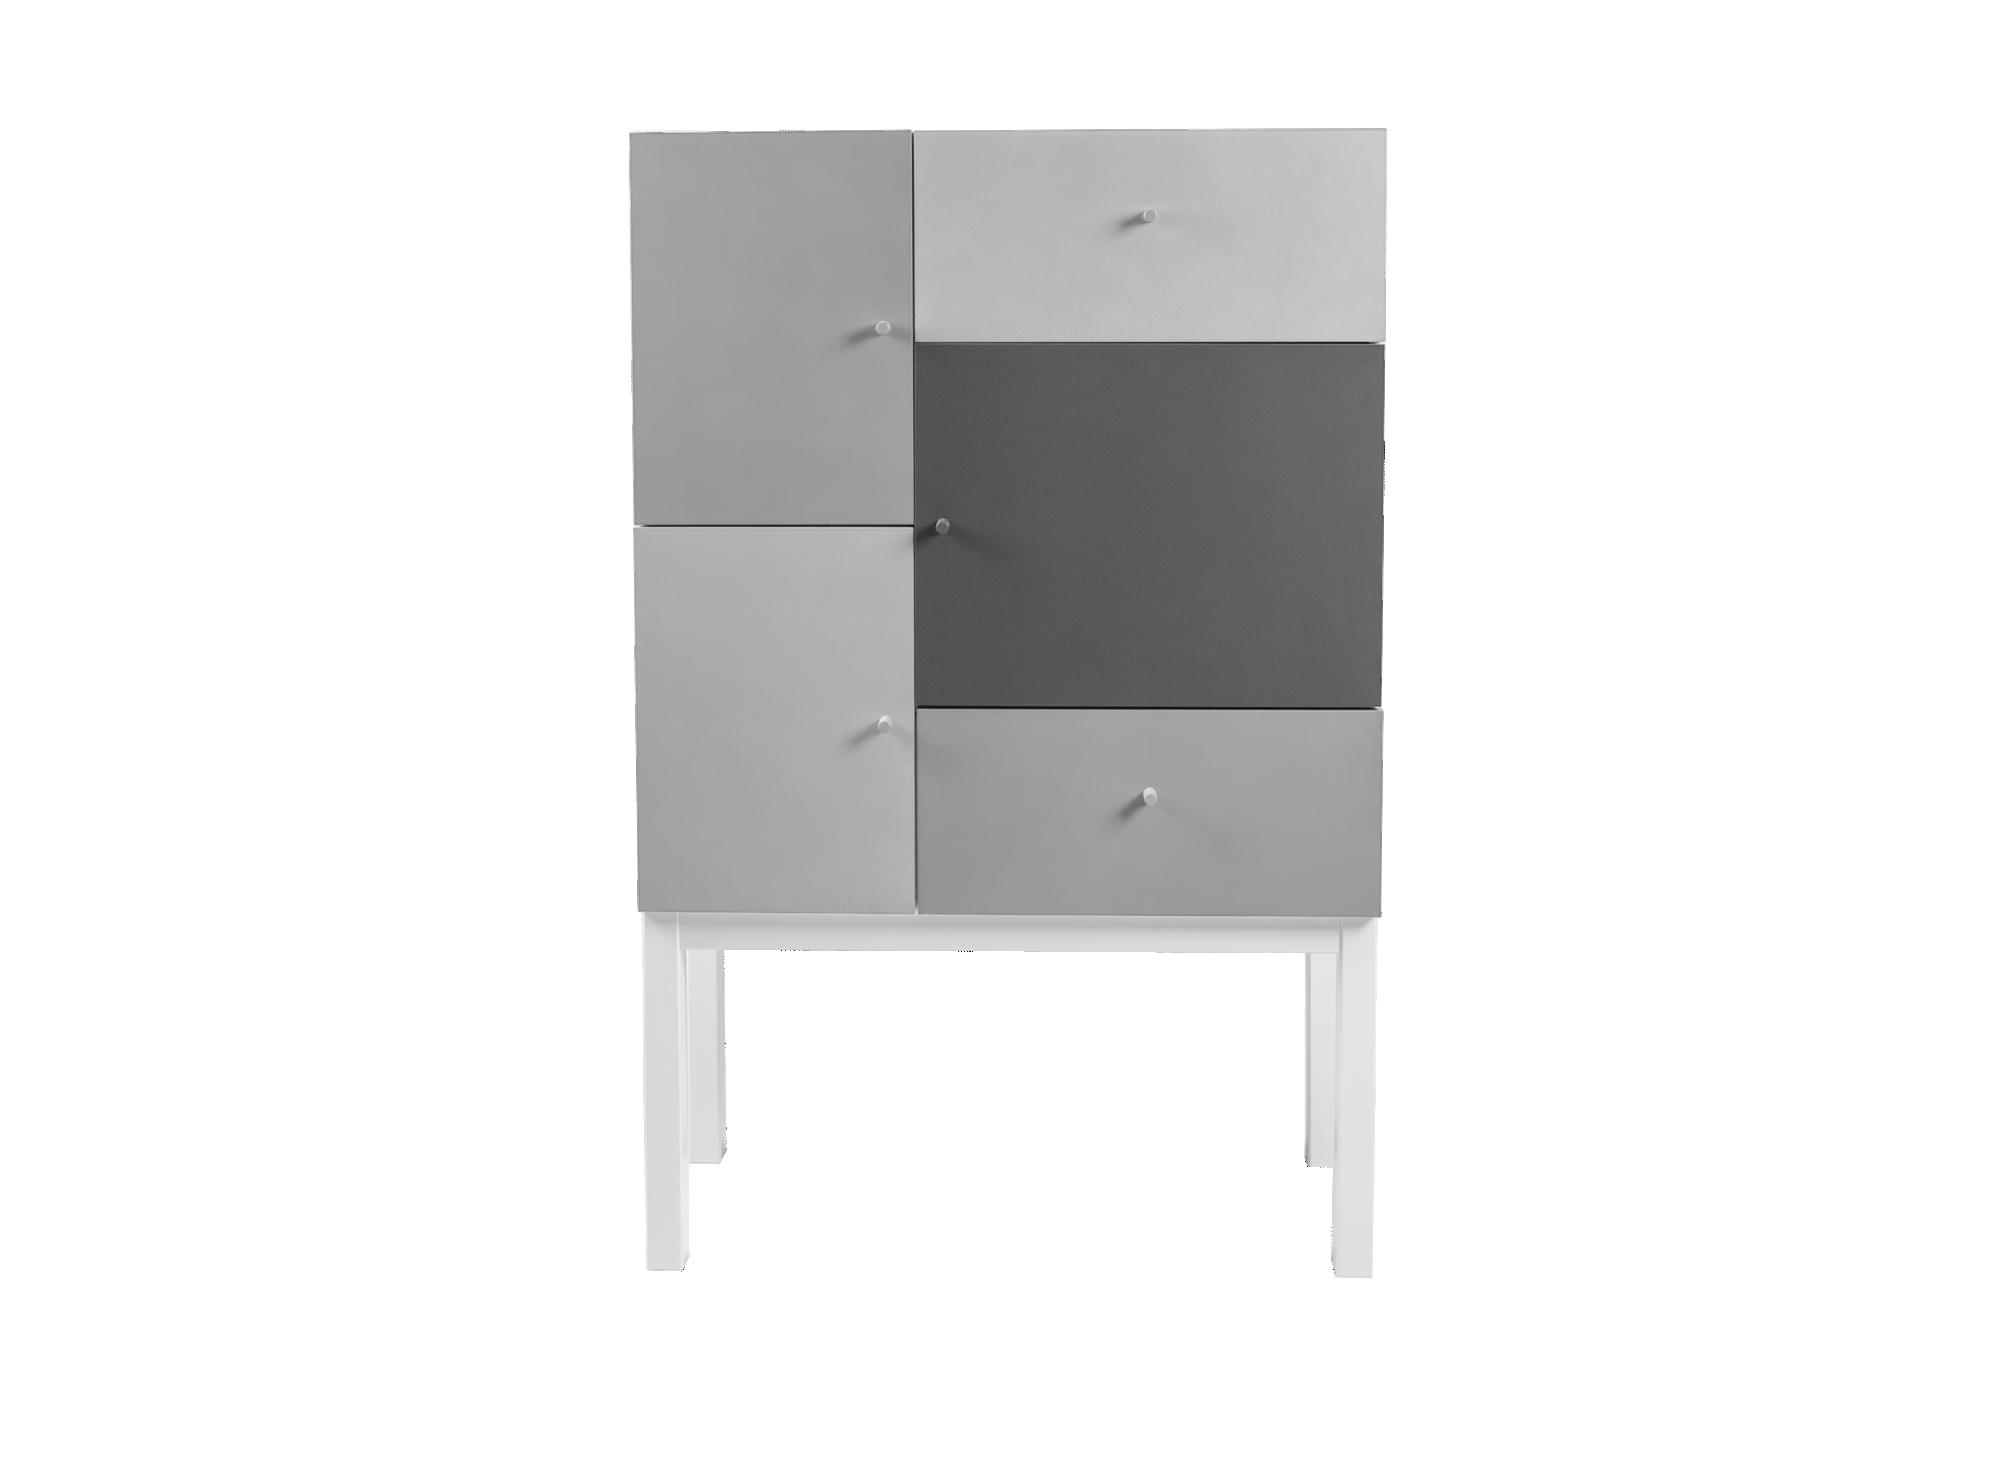 Rangement 3 portes 2 tiroirs structure en panneau de particules melam ...